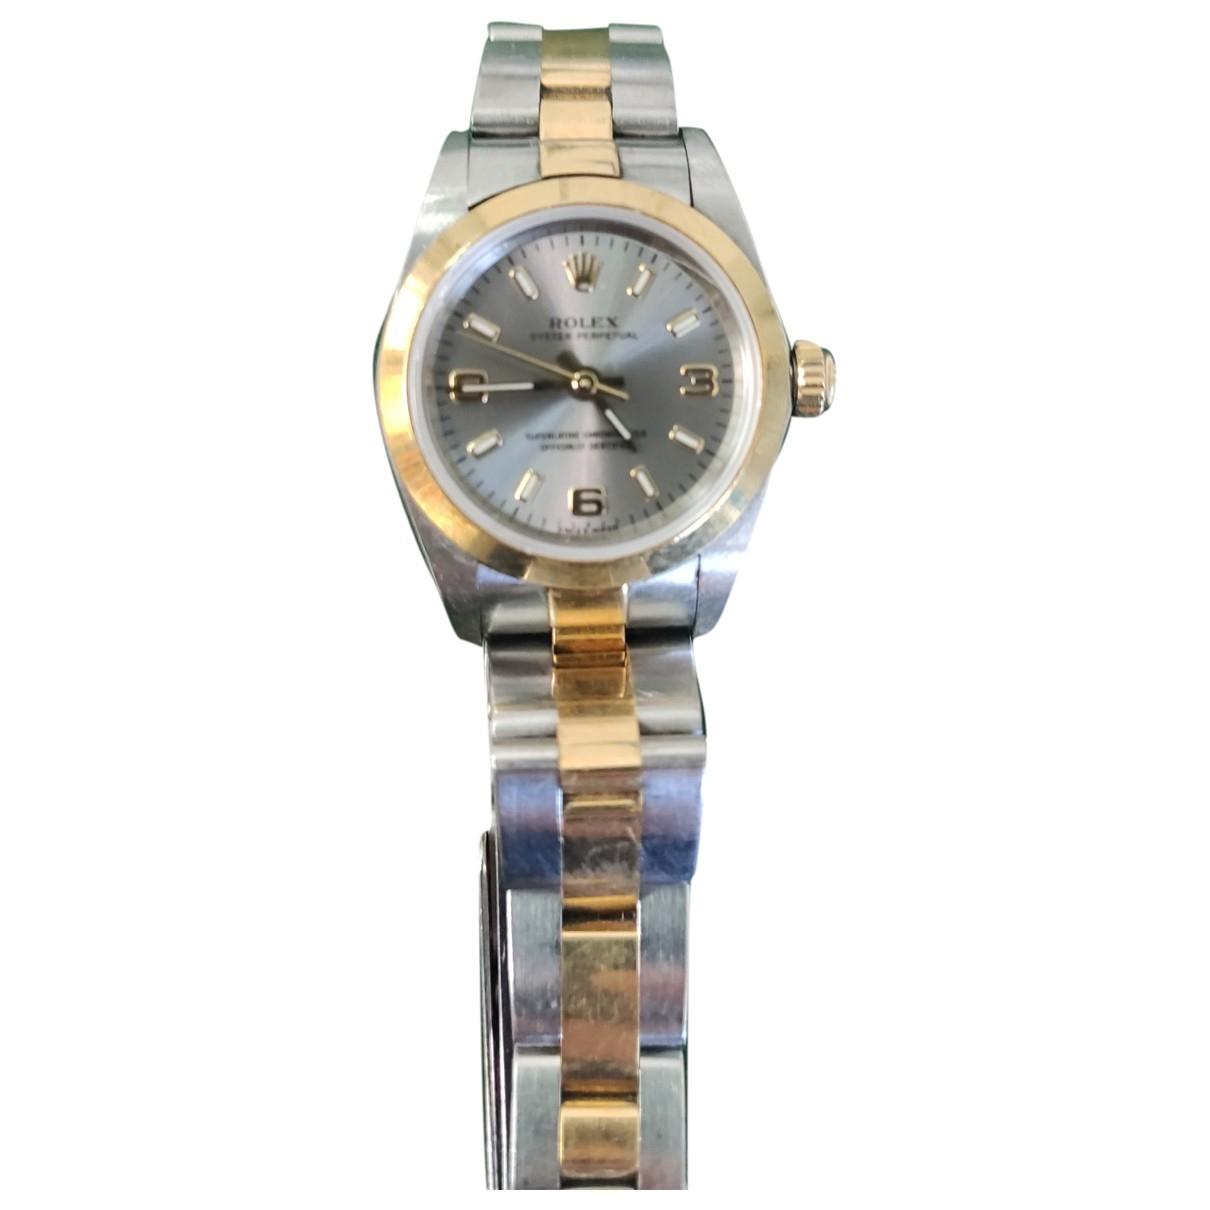 Rolex - Montre Lady Oyster Perpetual 24mm pour femme en or et acier - argente